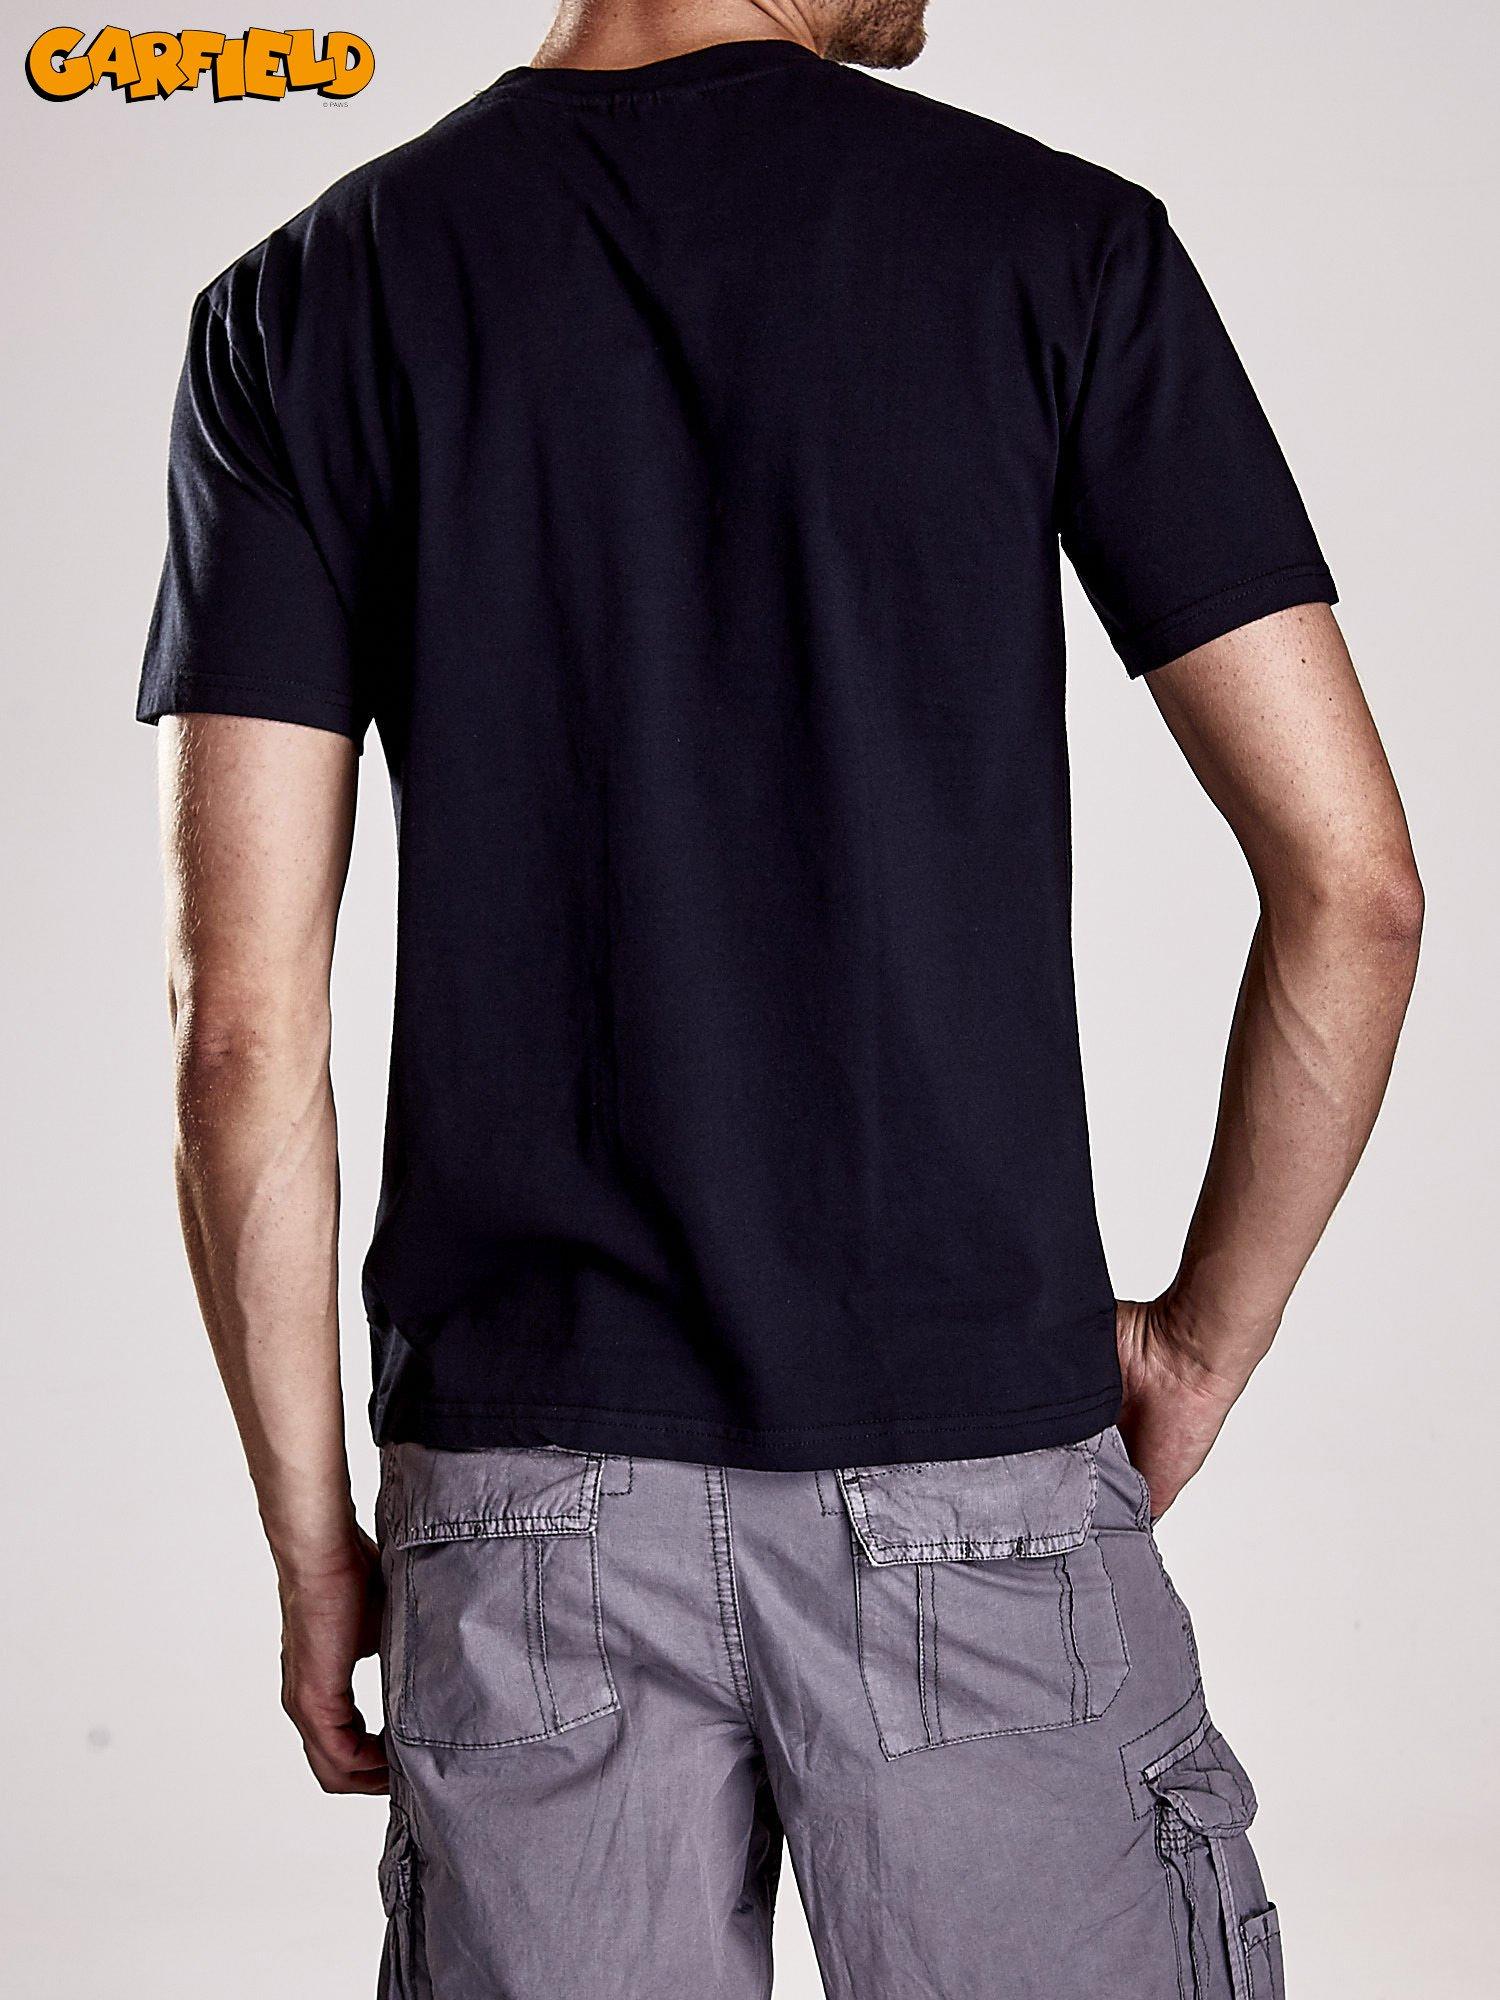 Czarny t-shirt męski GARFIELD                                  zdj.                                  5